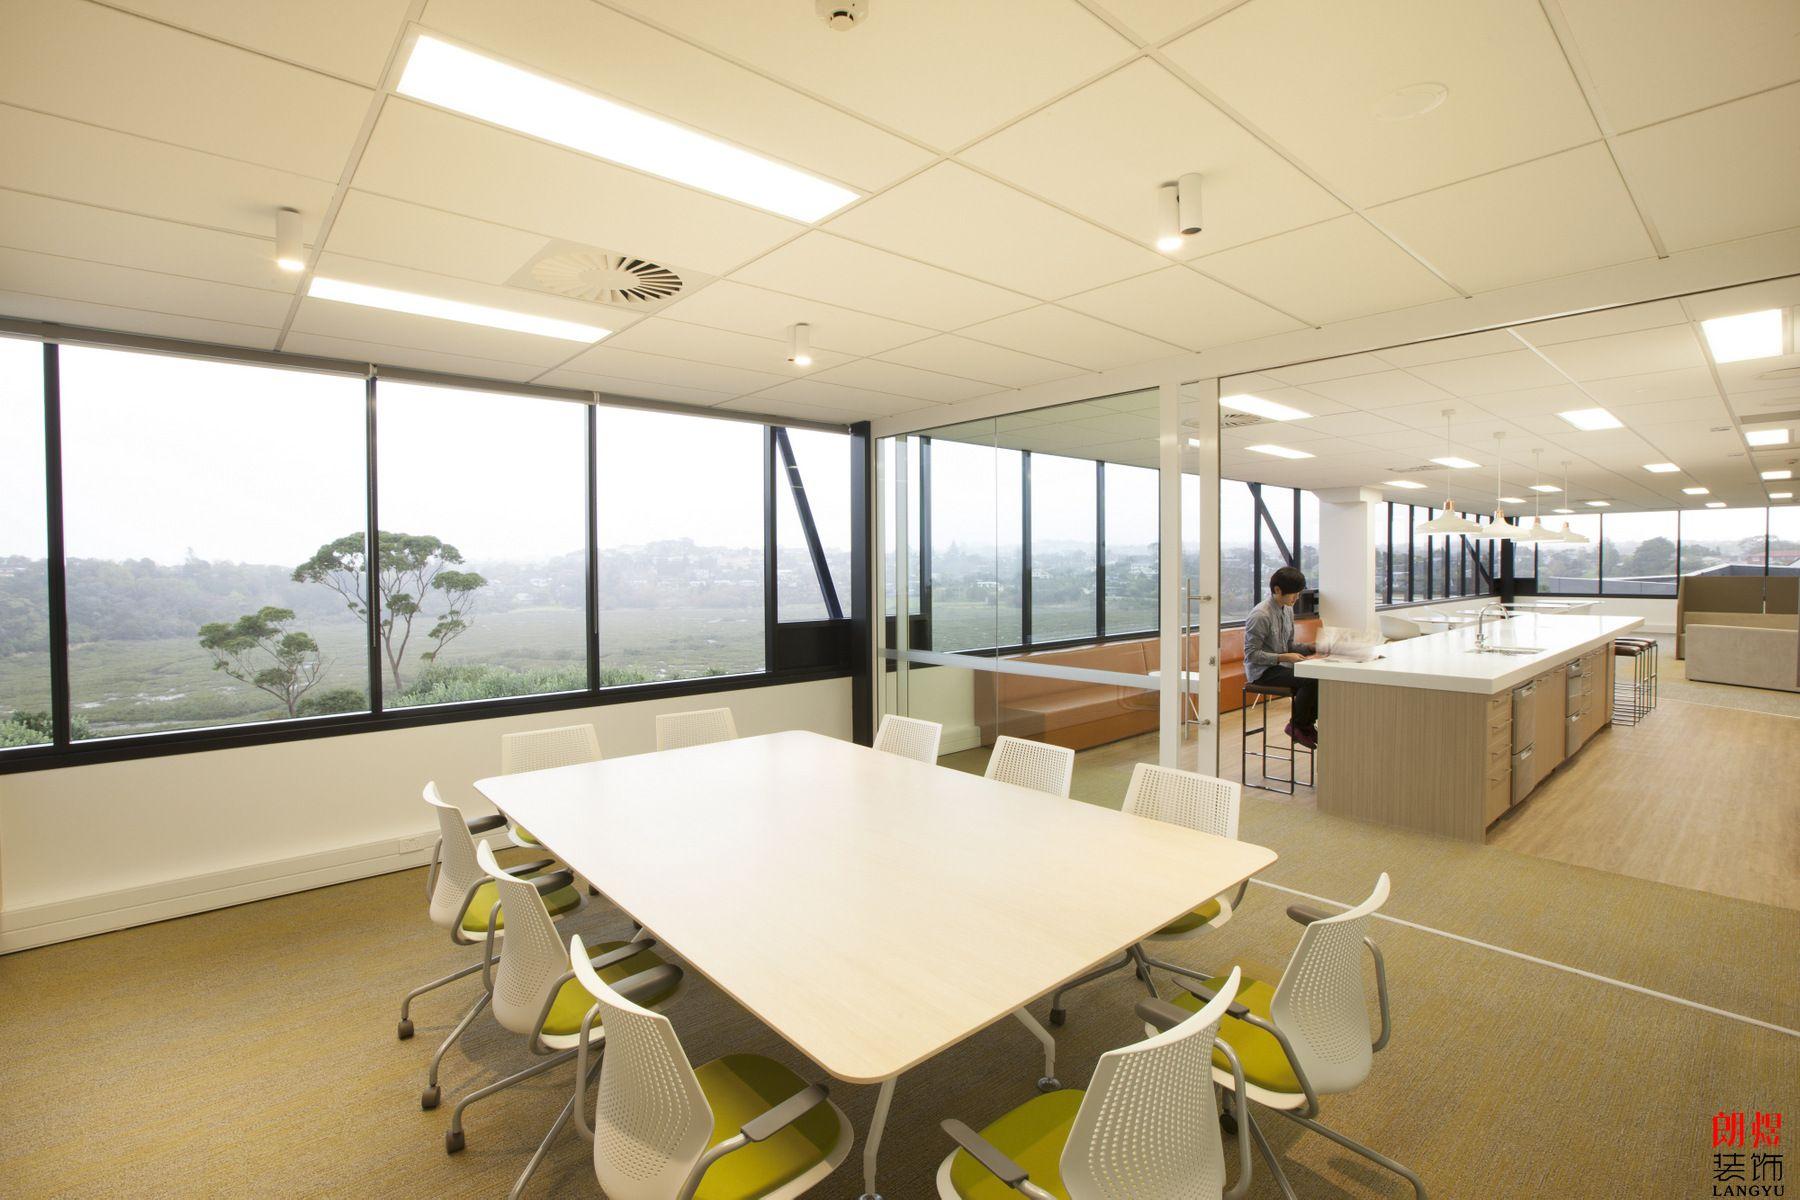 成都办公室如何装修?办公室空间这样设计更合理